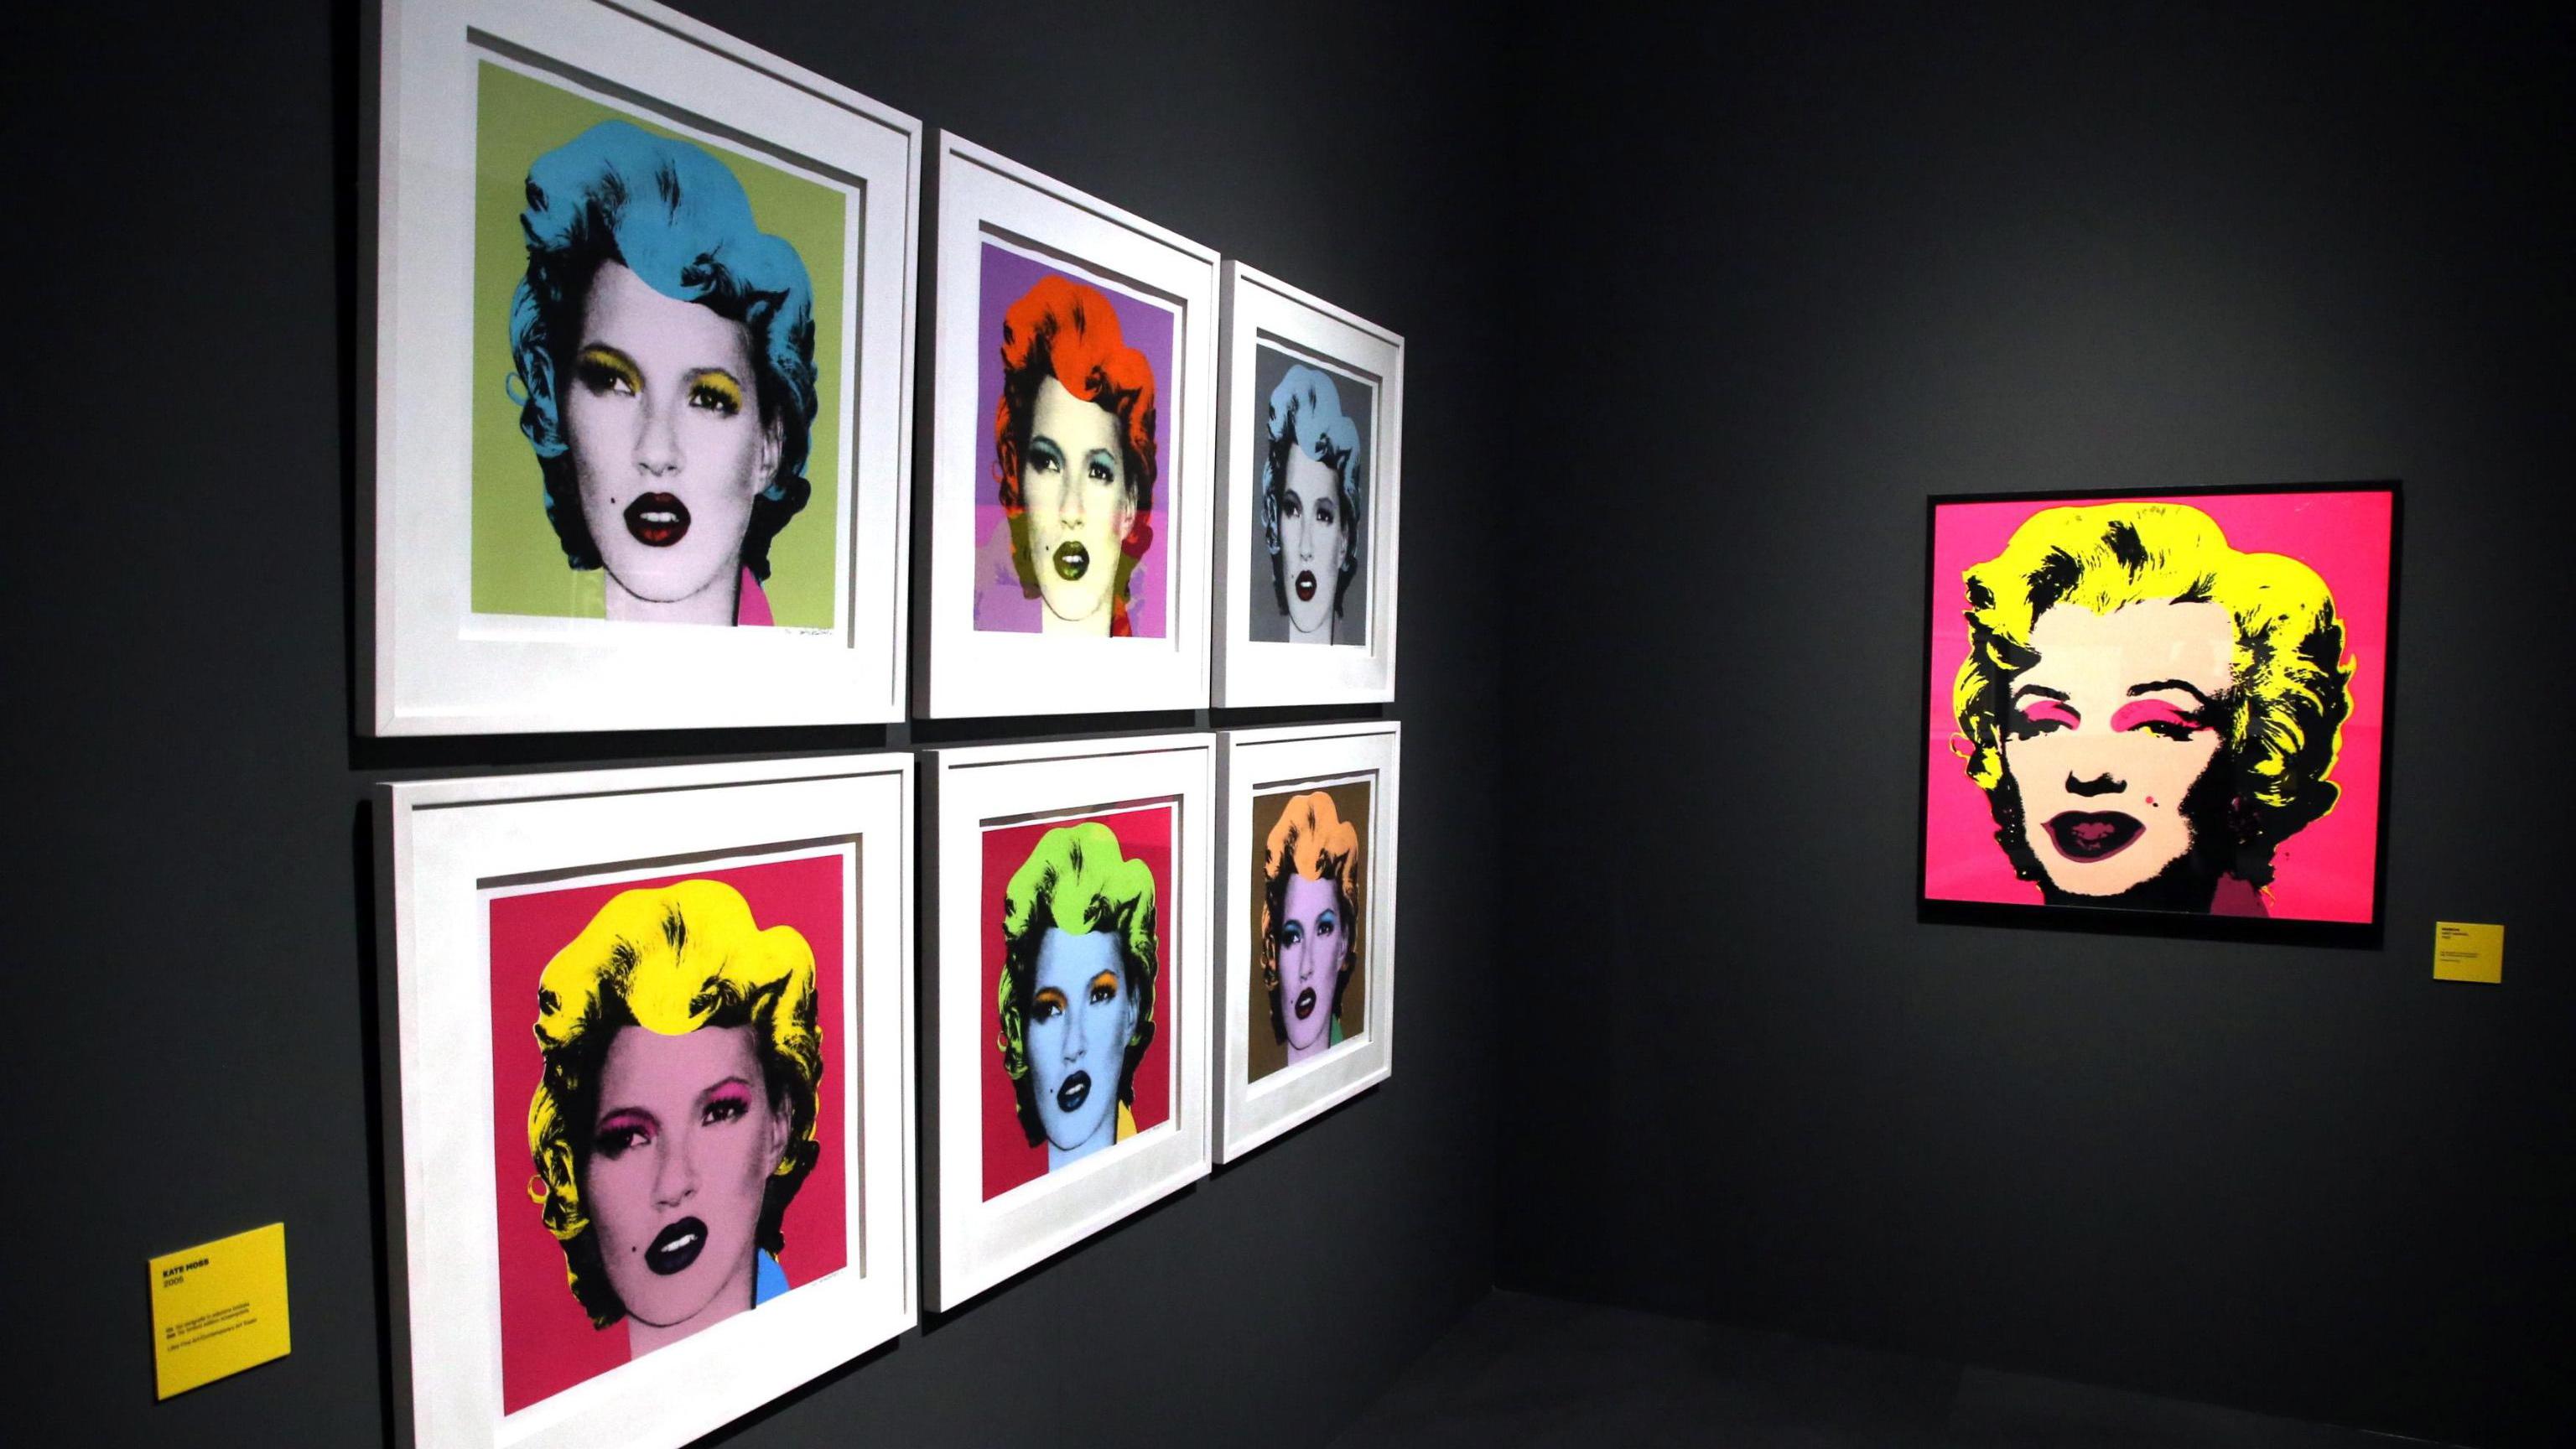 """Изложбата """"Визуален протест, изкуството на Banksy"""" в музей """"Мудек"""", Милано, Италия, от 21 ноември до 14 април 2019 г."""